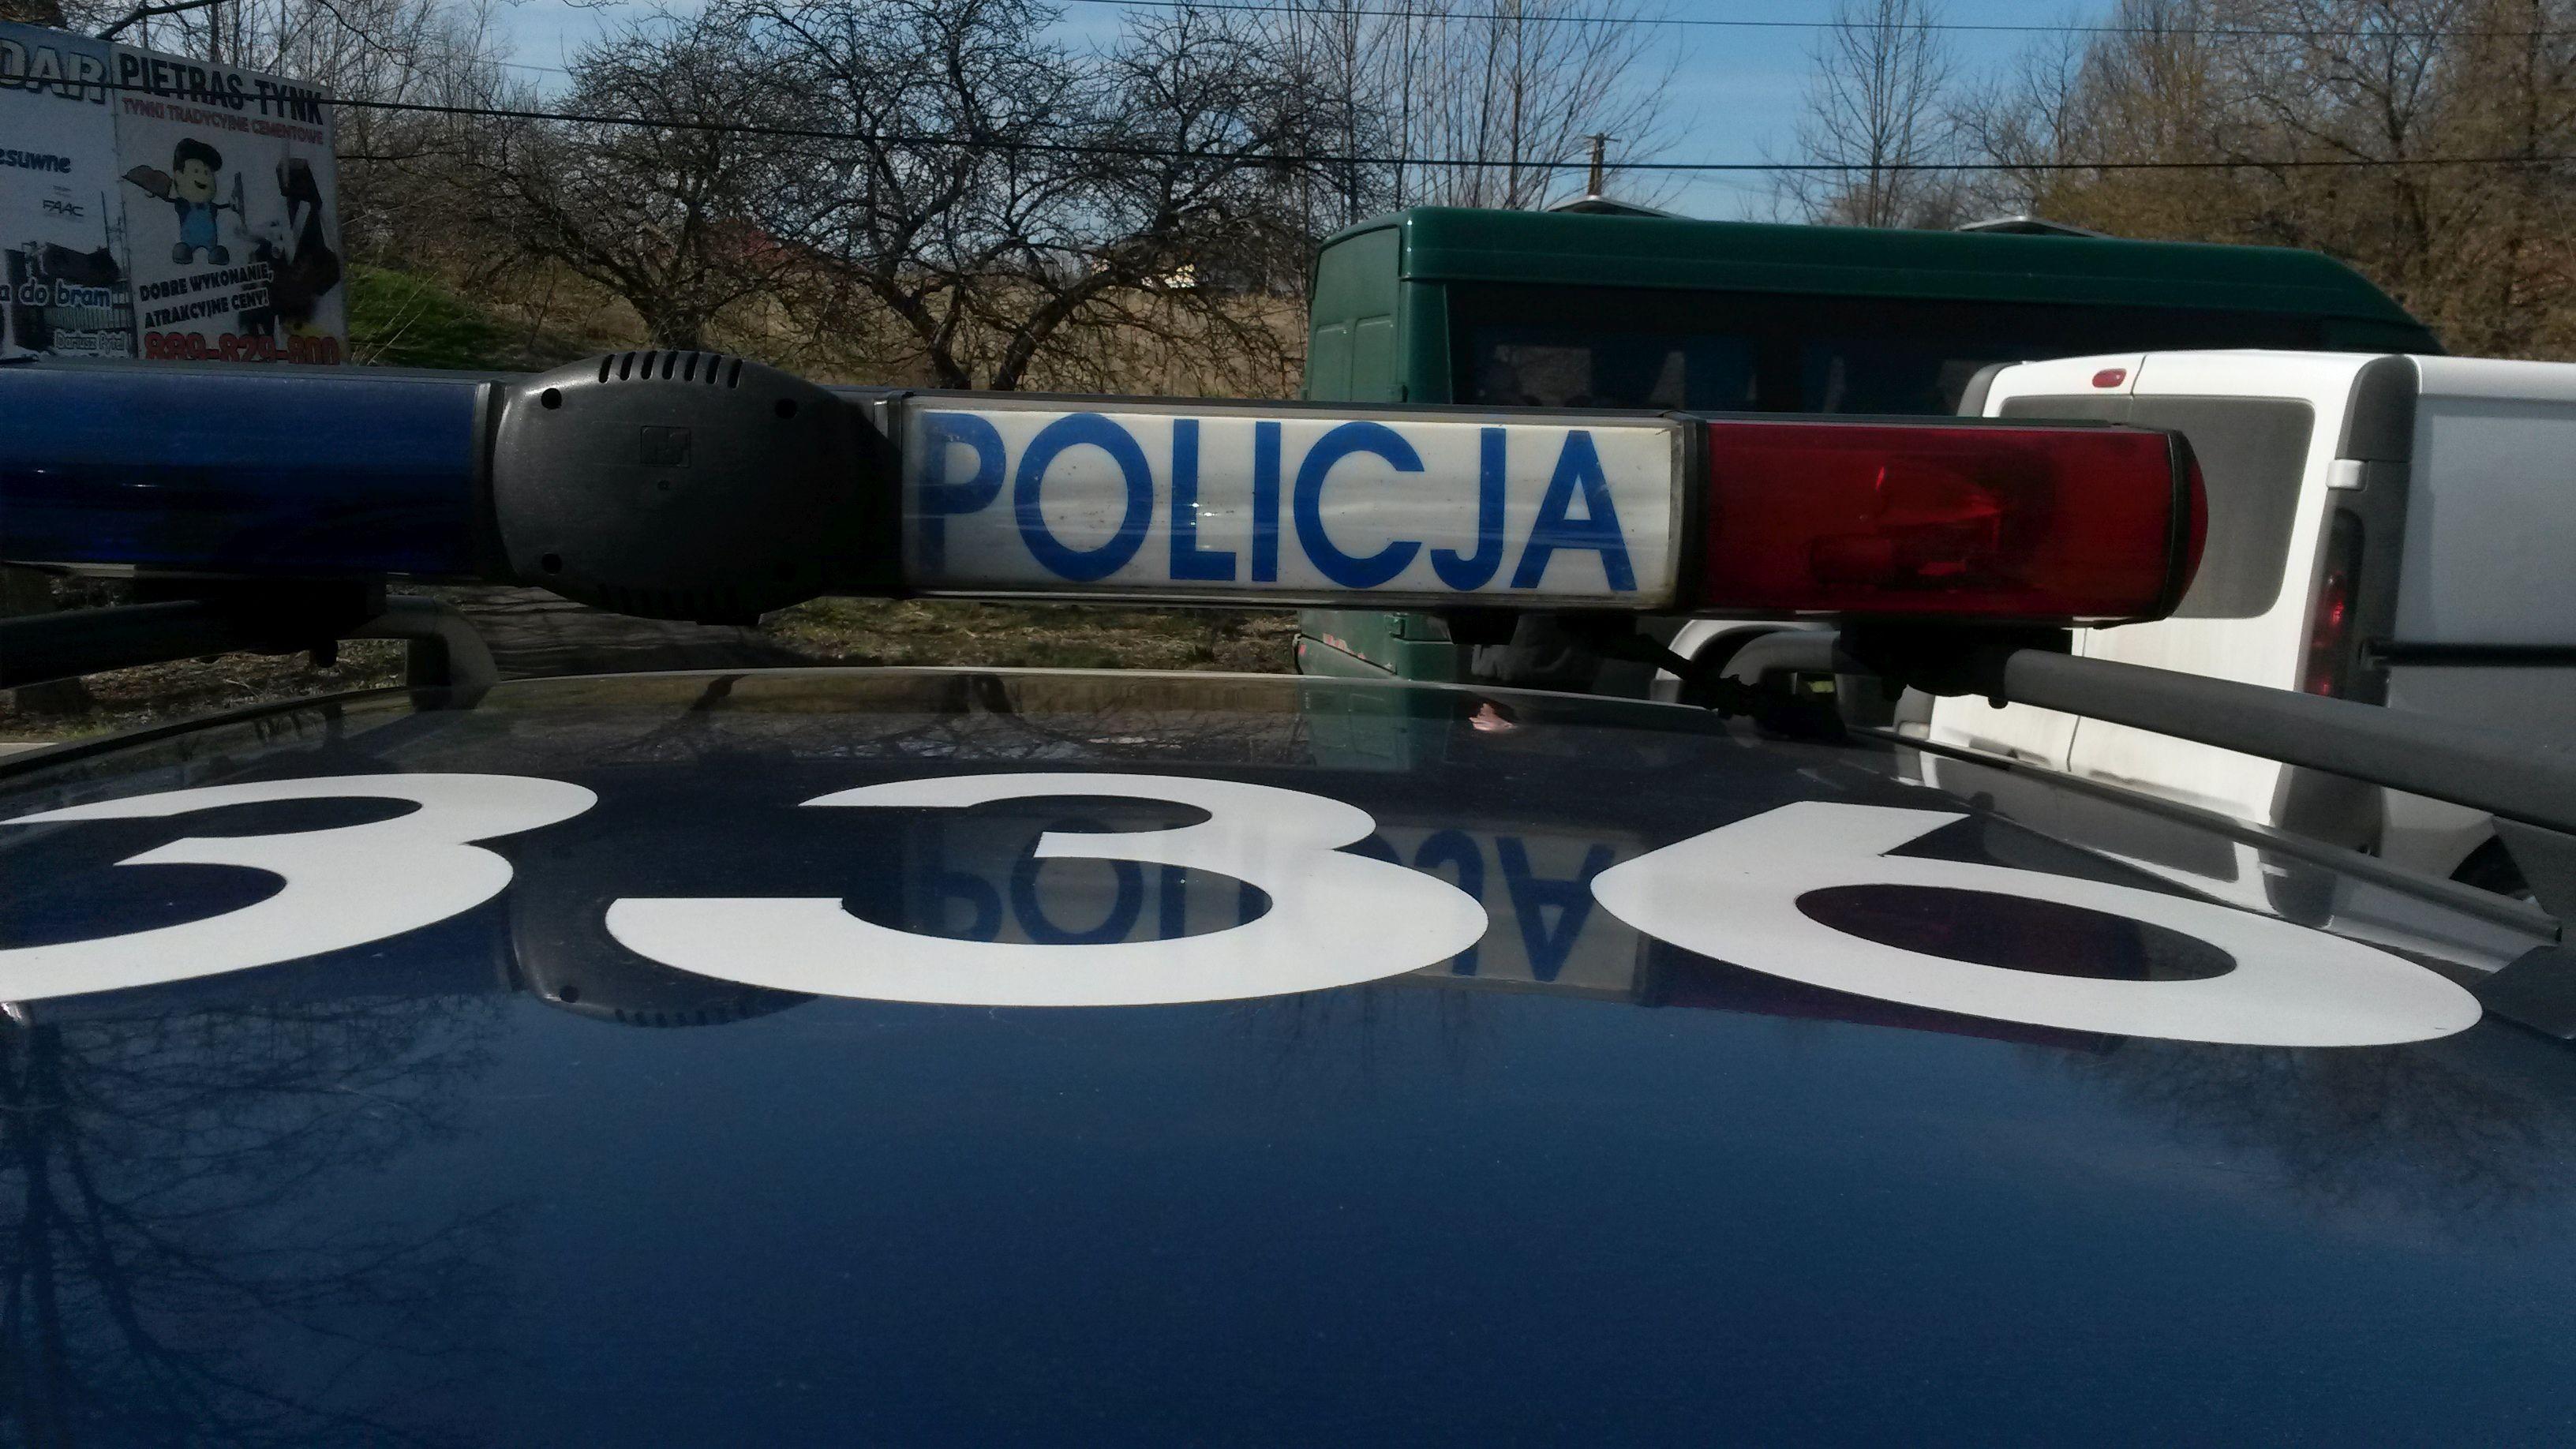 Akcja policji na drogach. Policjanci ujawnili ponad 60 wykroczeń